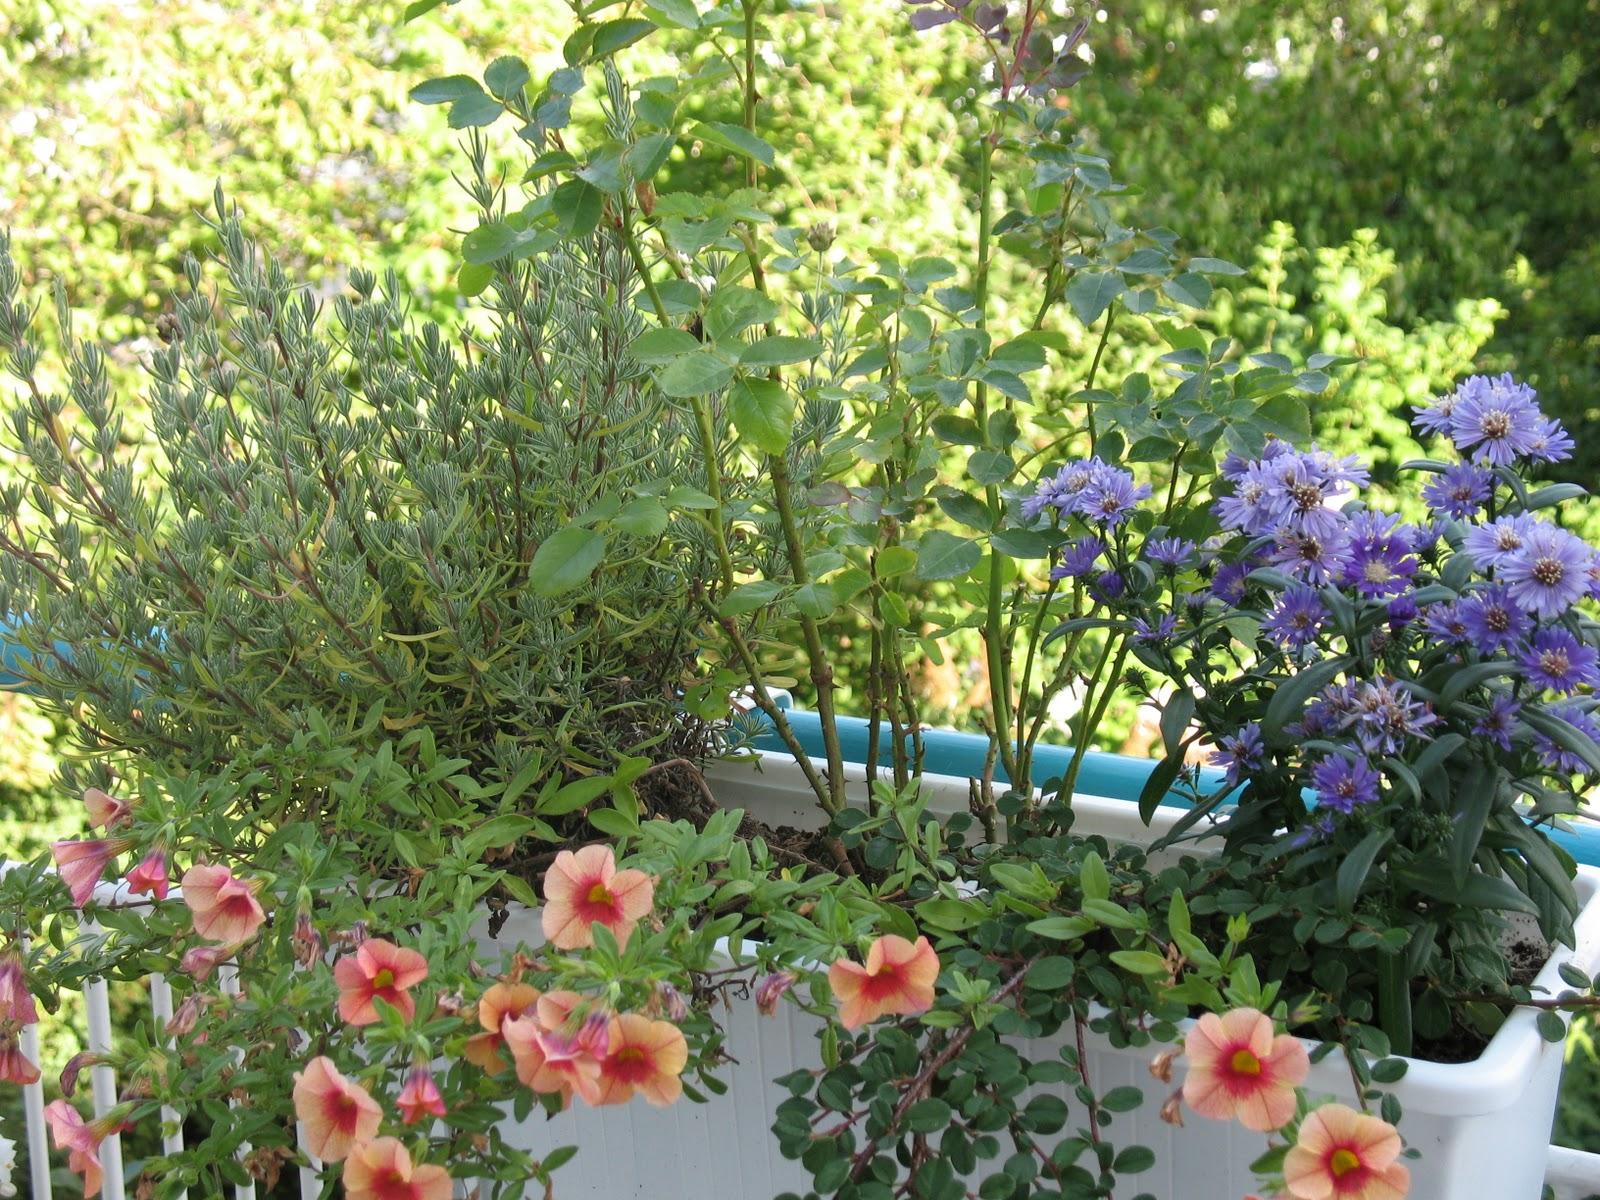 Pflegeleichte Balkonpflanzen: 10 Sorten Für Sonnige